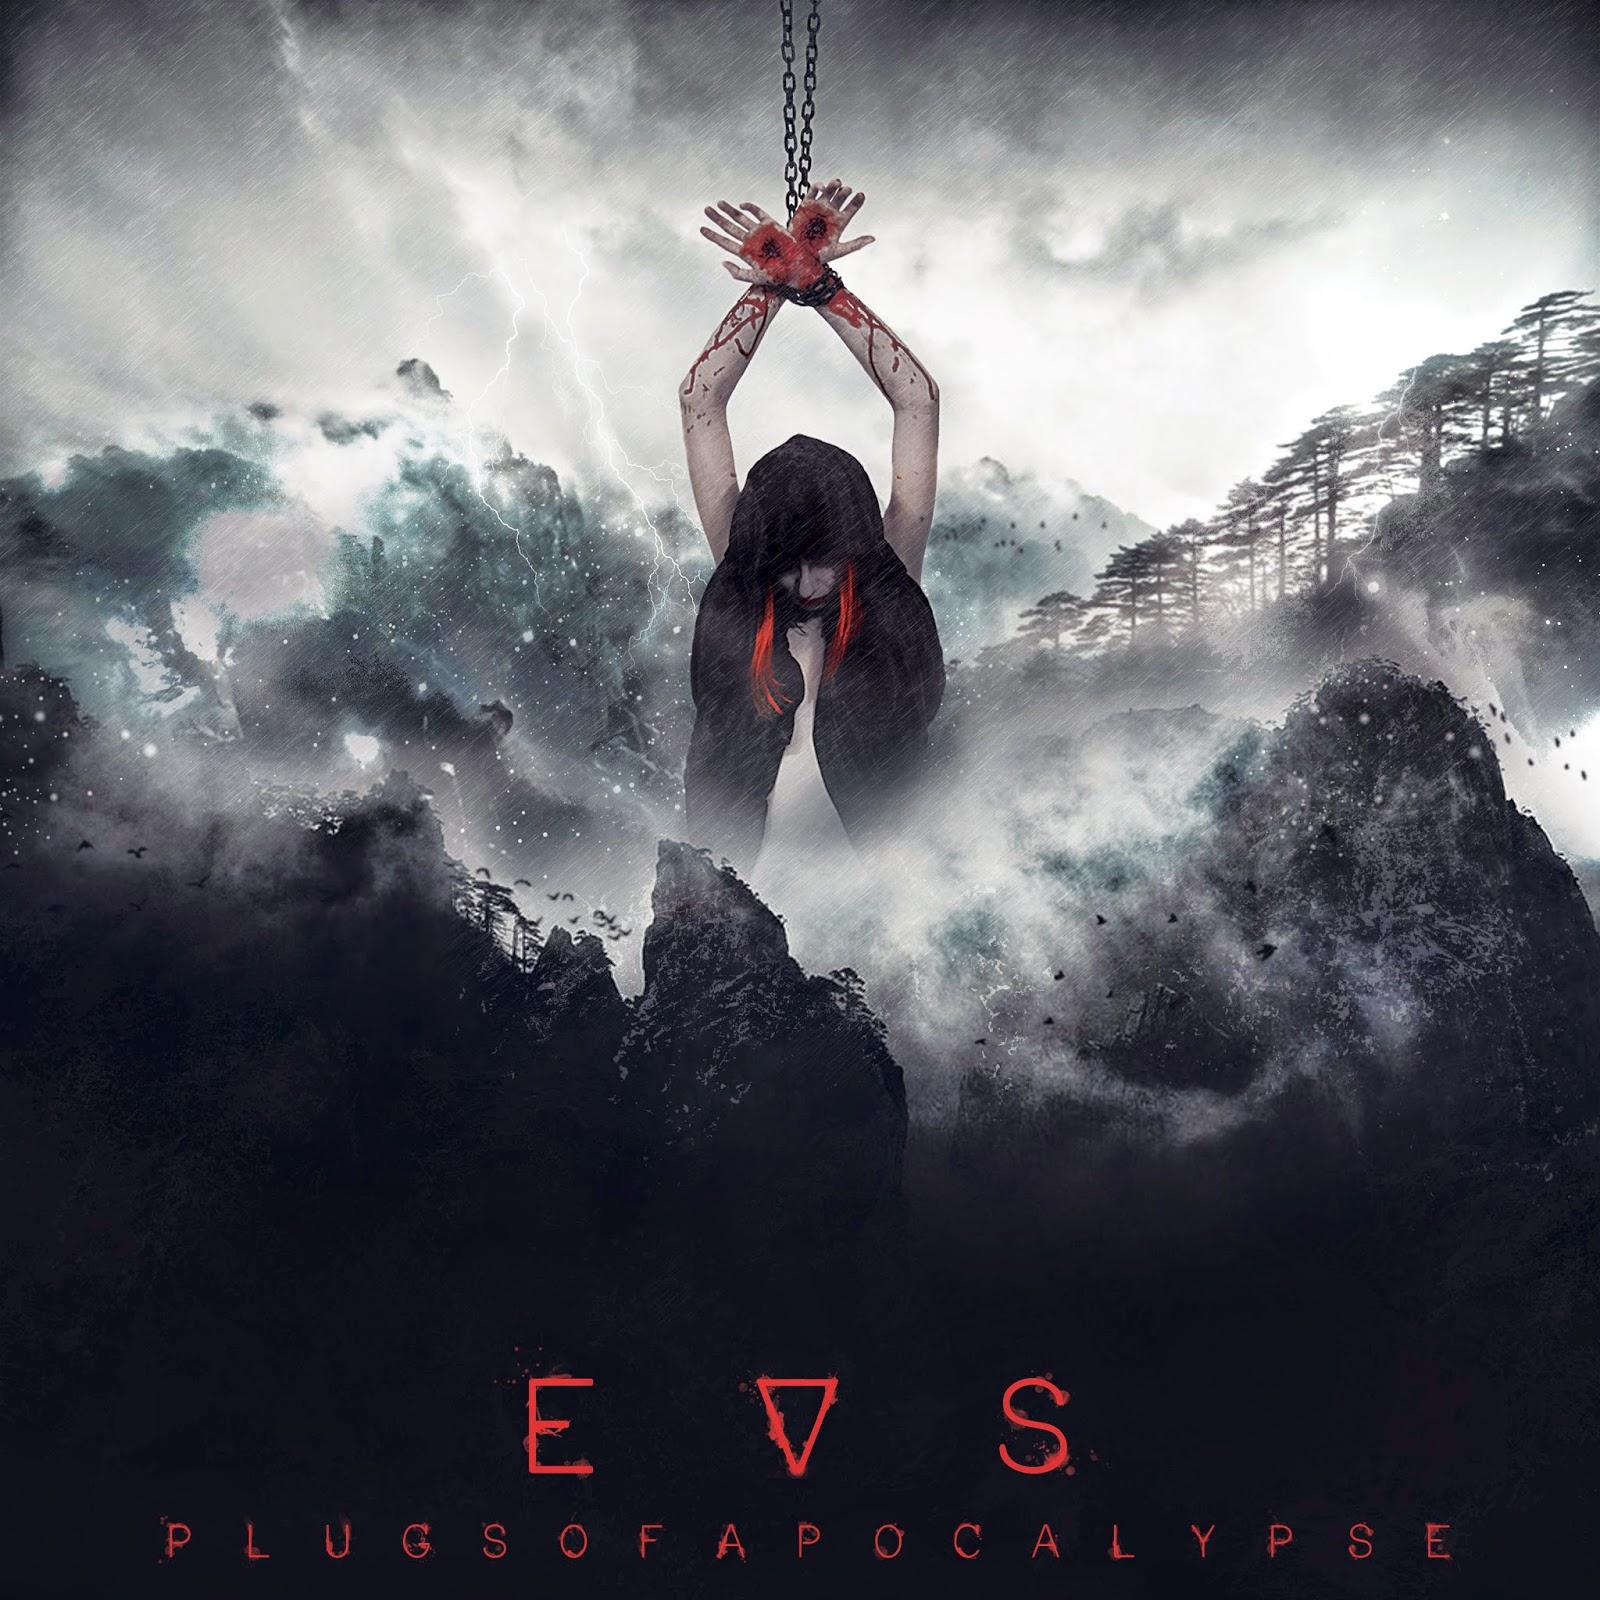 Plugs Of The Apocalypse - EAS (EP) (2015)